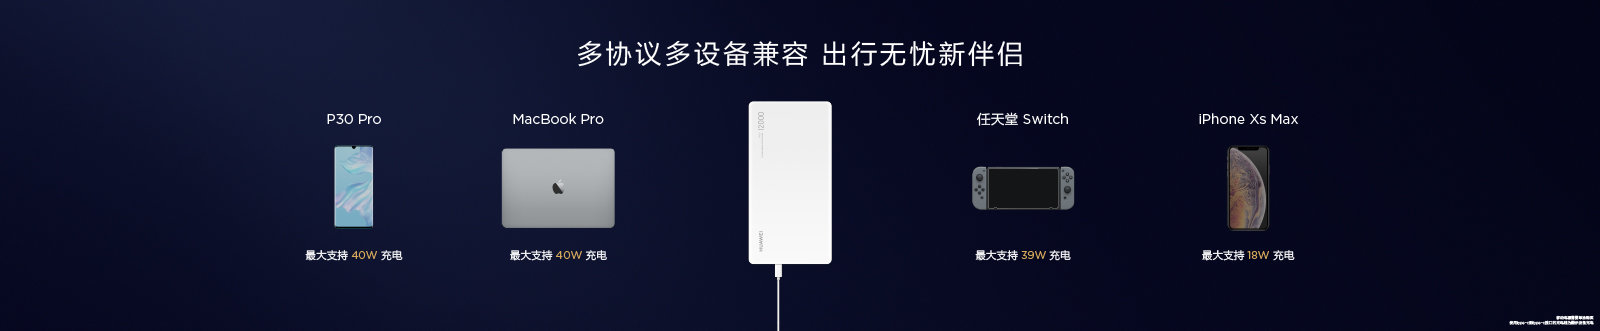 http://wx4.sinaimg.cn/large/6d9f761bgy1g1yqunw2u3j218g09742c.jpg